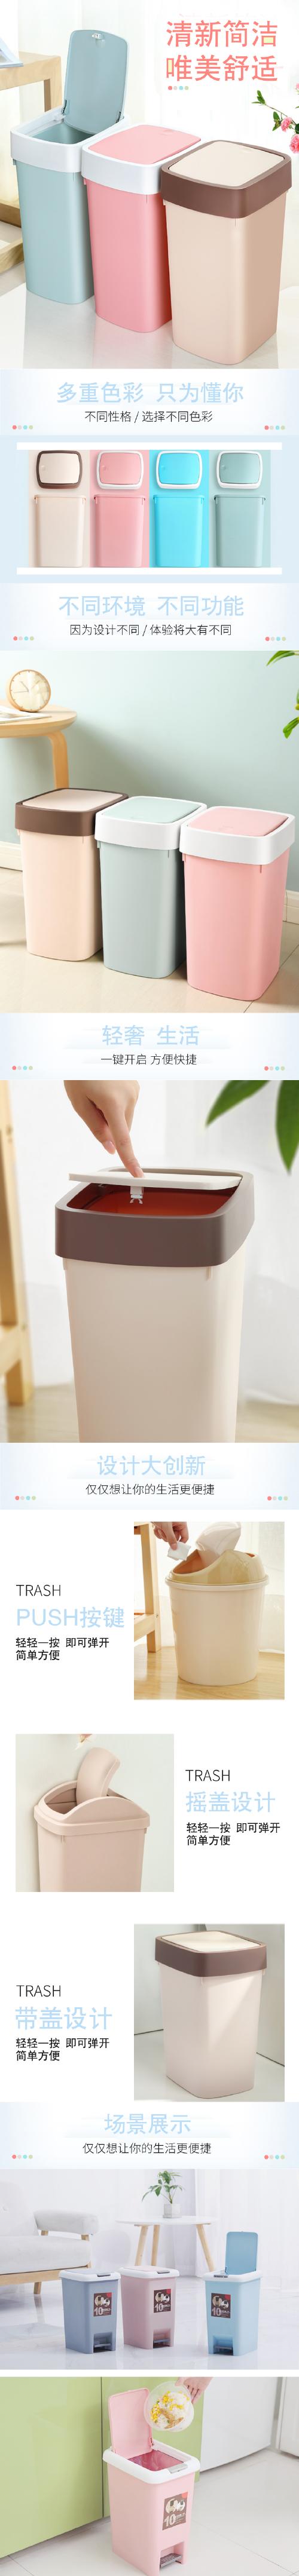 $小清新简约家具垃圾桶淘宝详情页